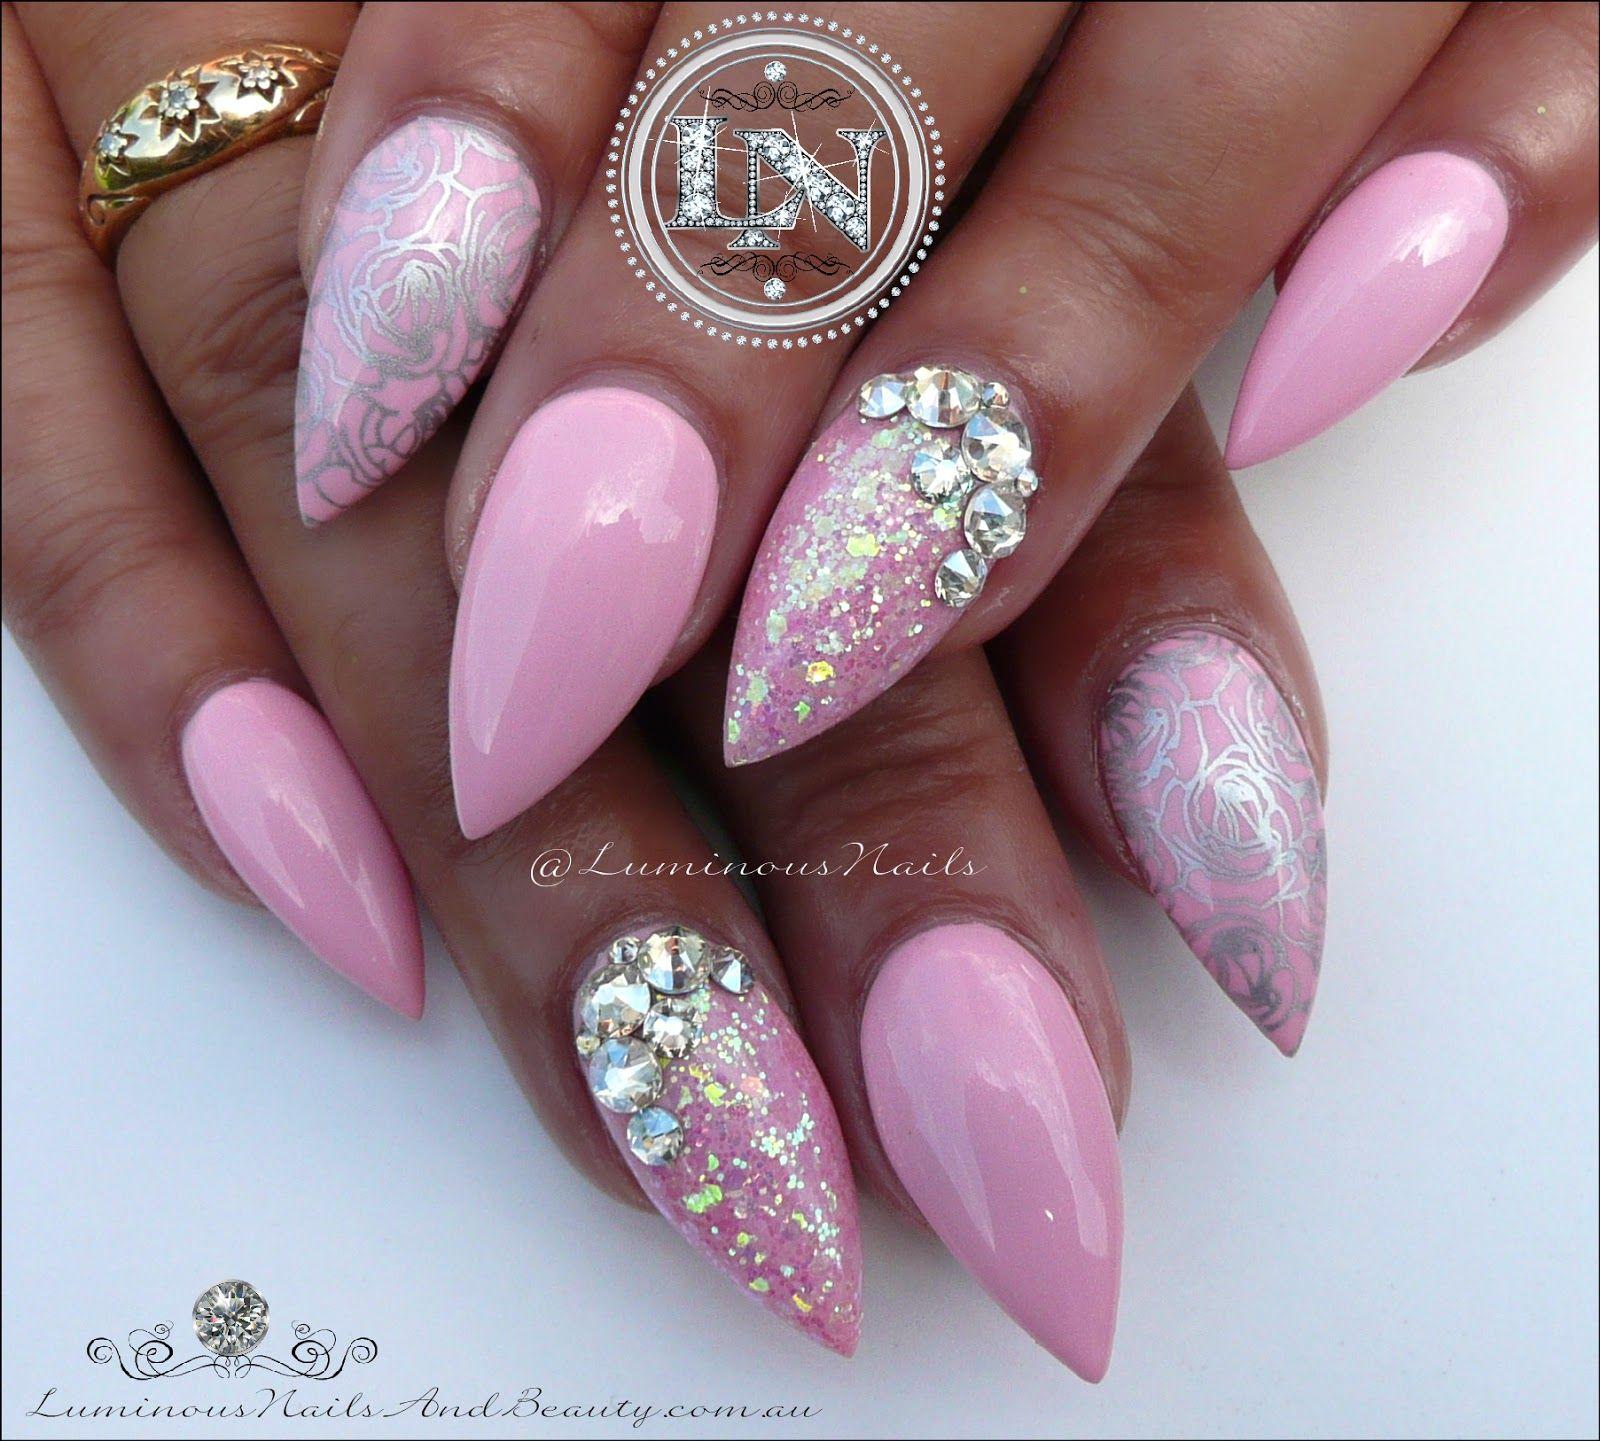 Luminous Nails: Plush Pink & Silver Nails... Acrylic & Gel Nails ...